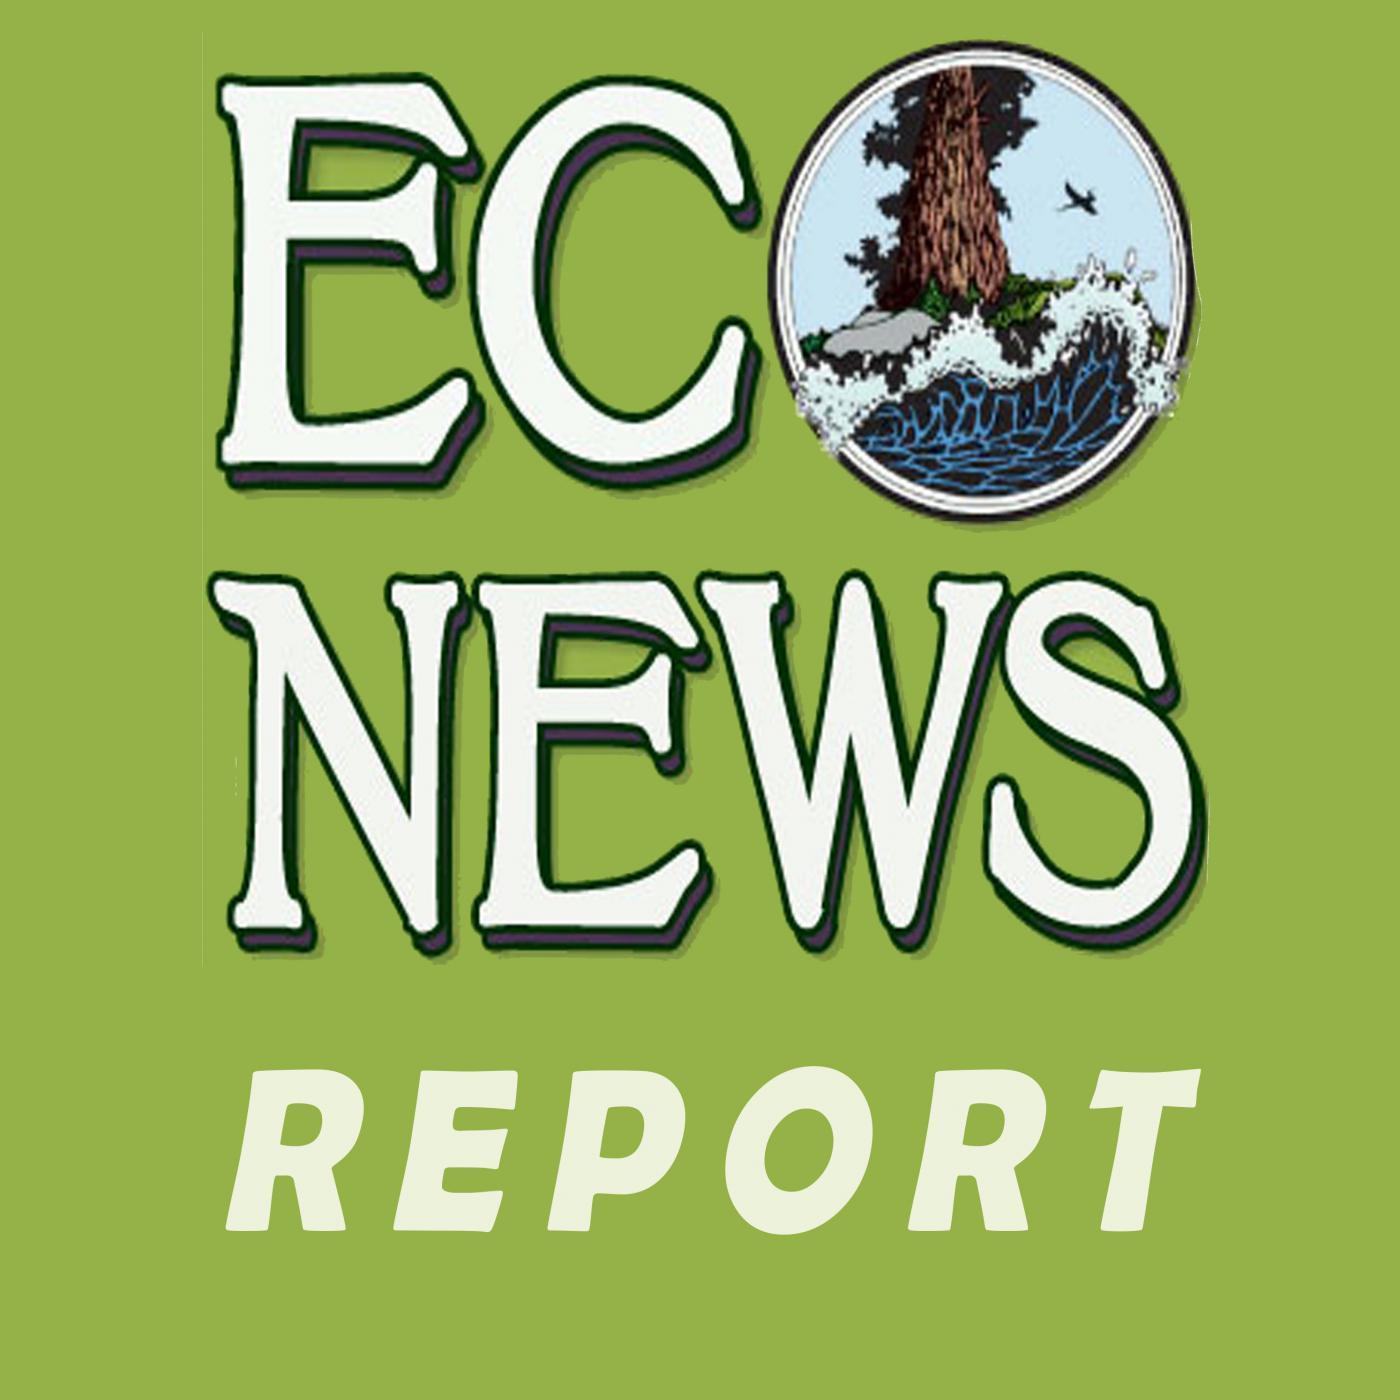 EcoNews Report